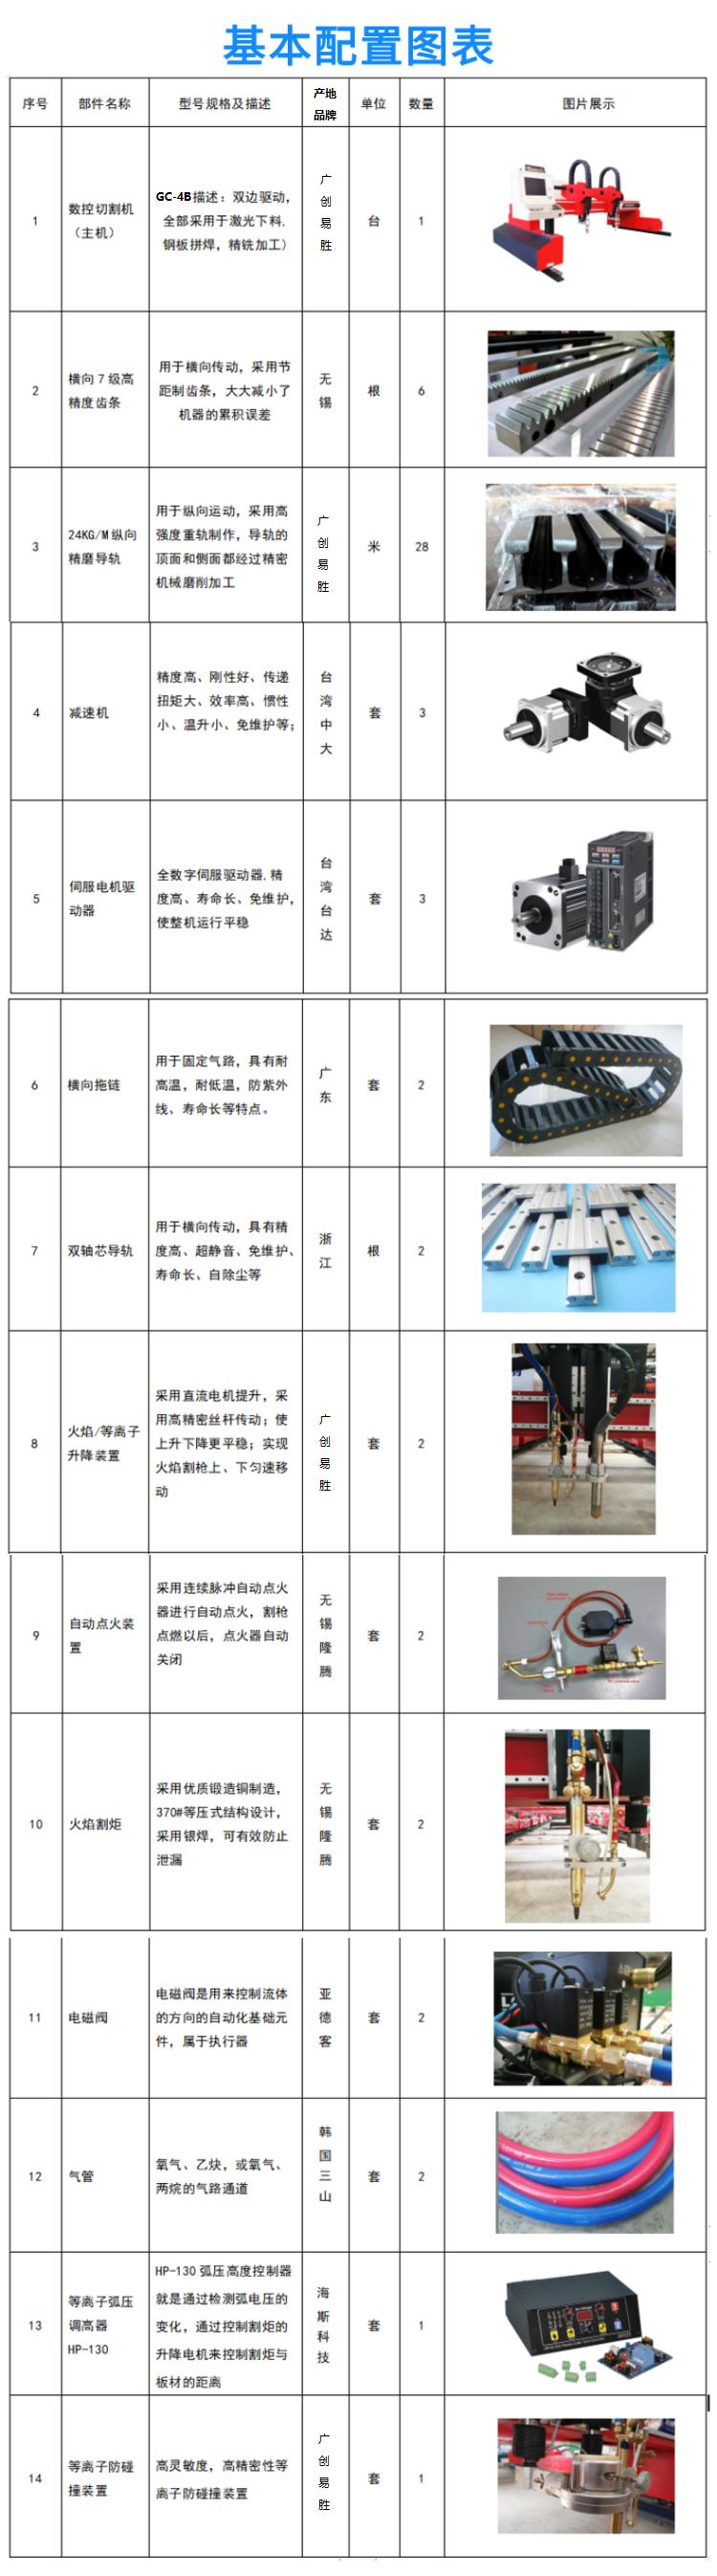 龙门数控切割机 (14)